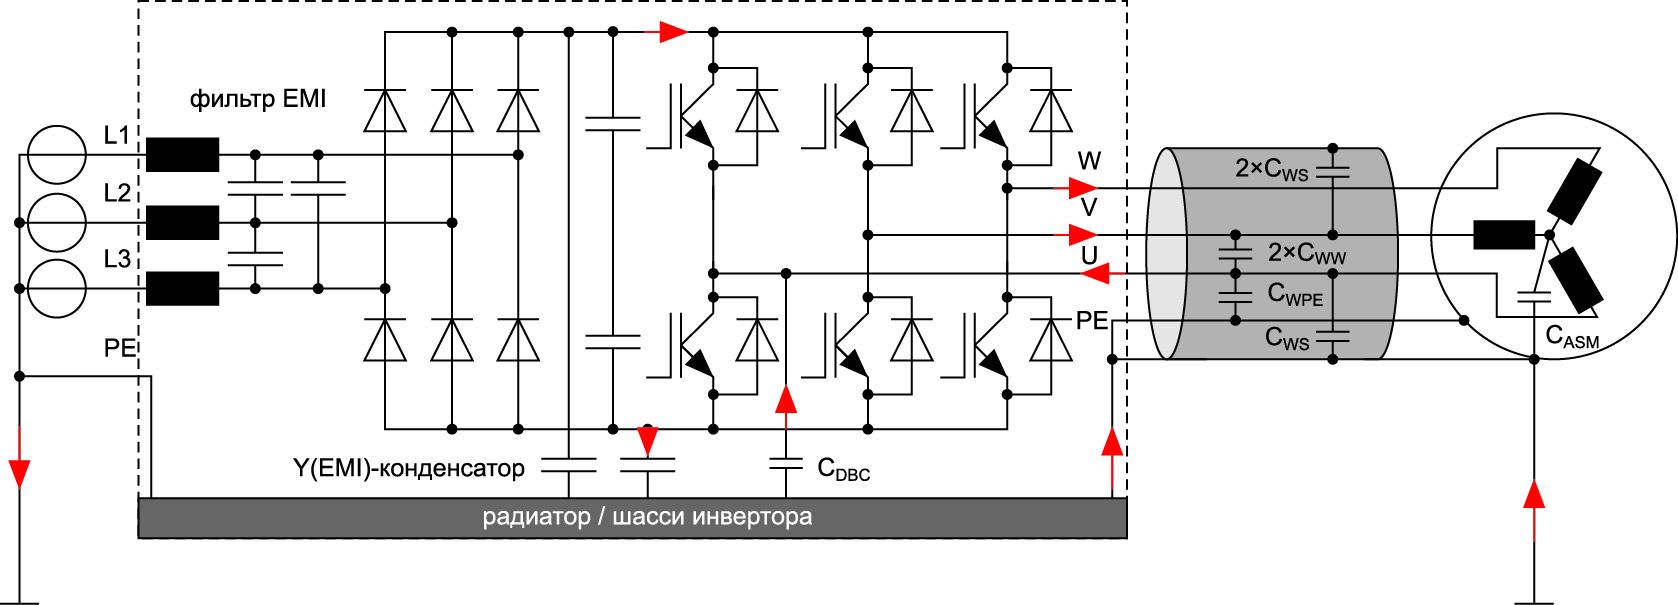 Упрощенная принципиальная схема привода